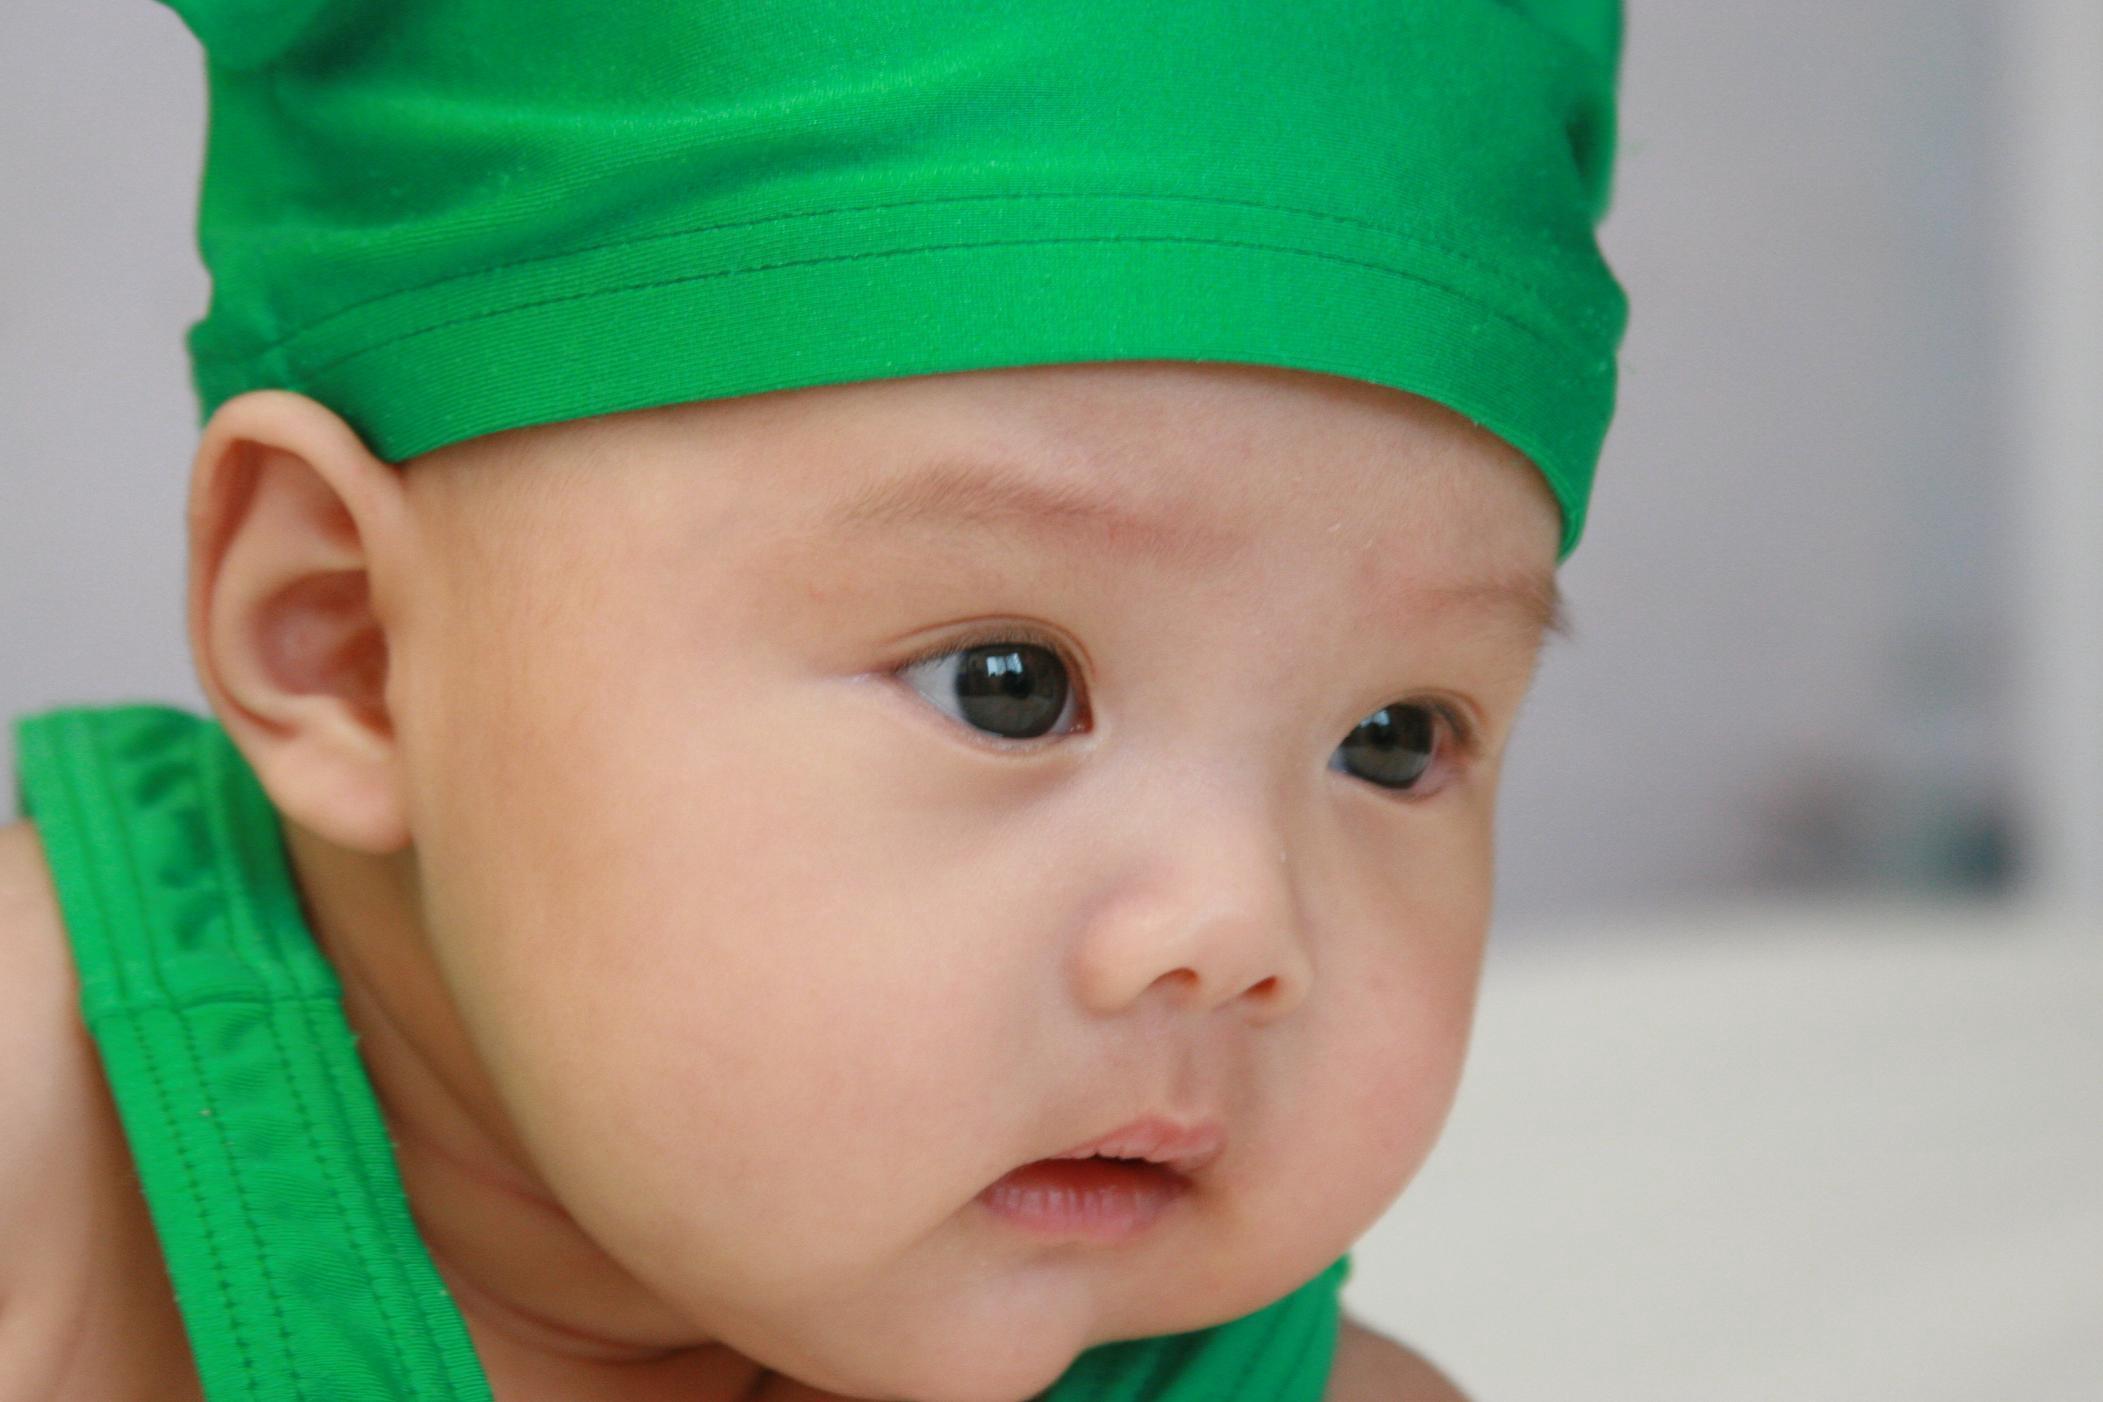 怎样护理患有新生儿疾病的孩子